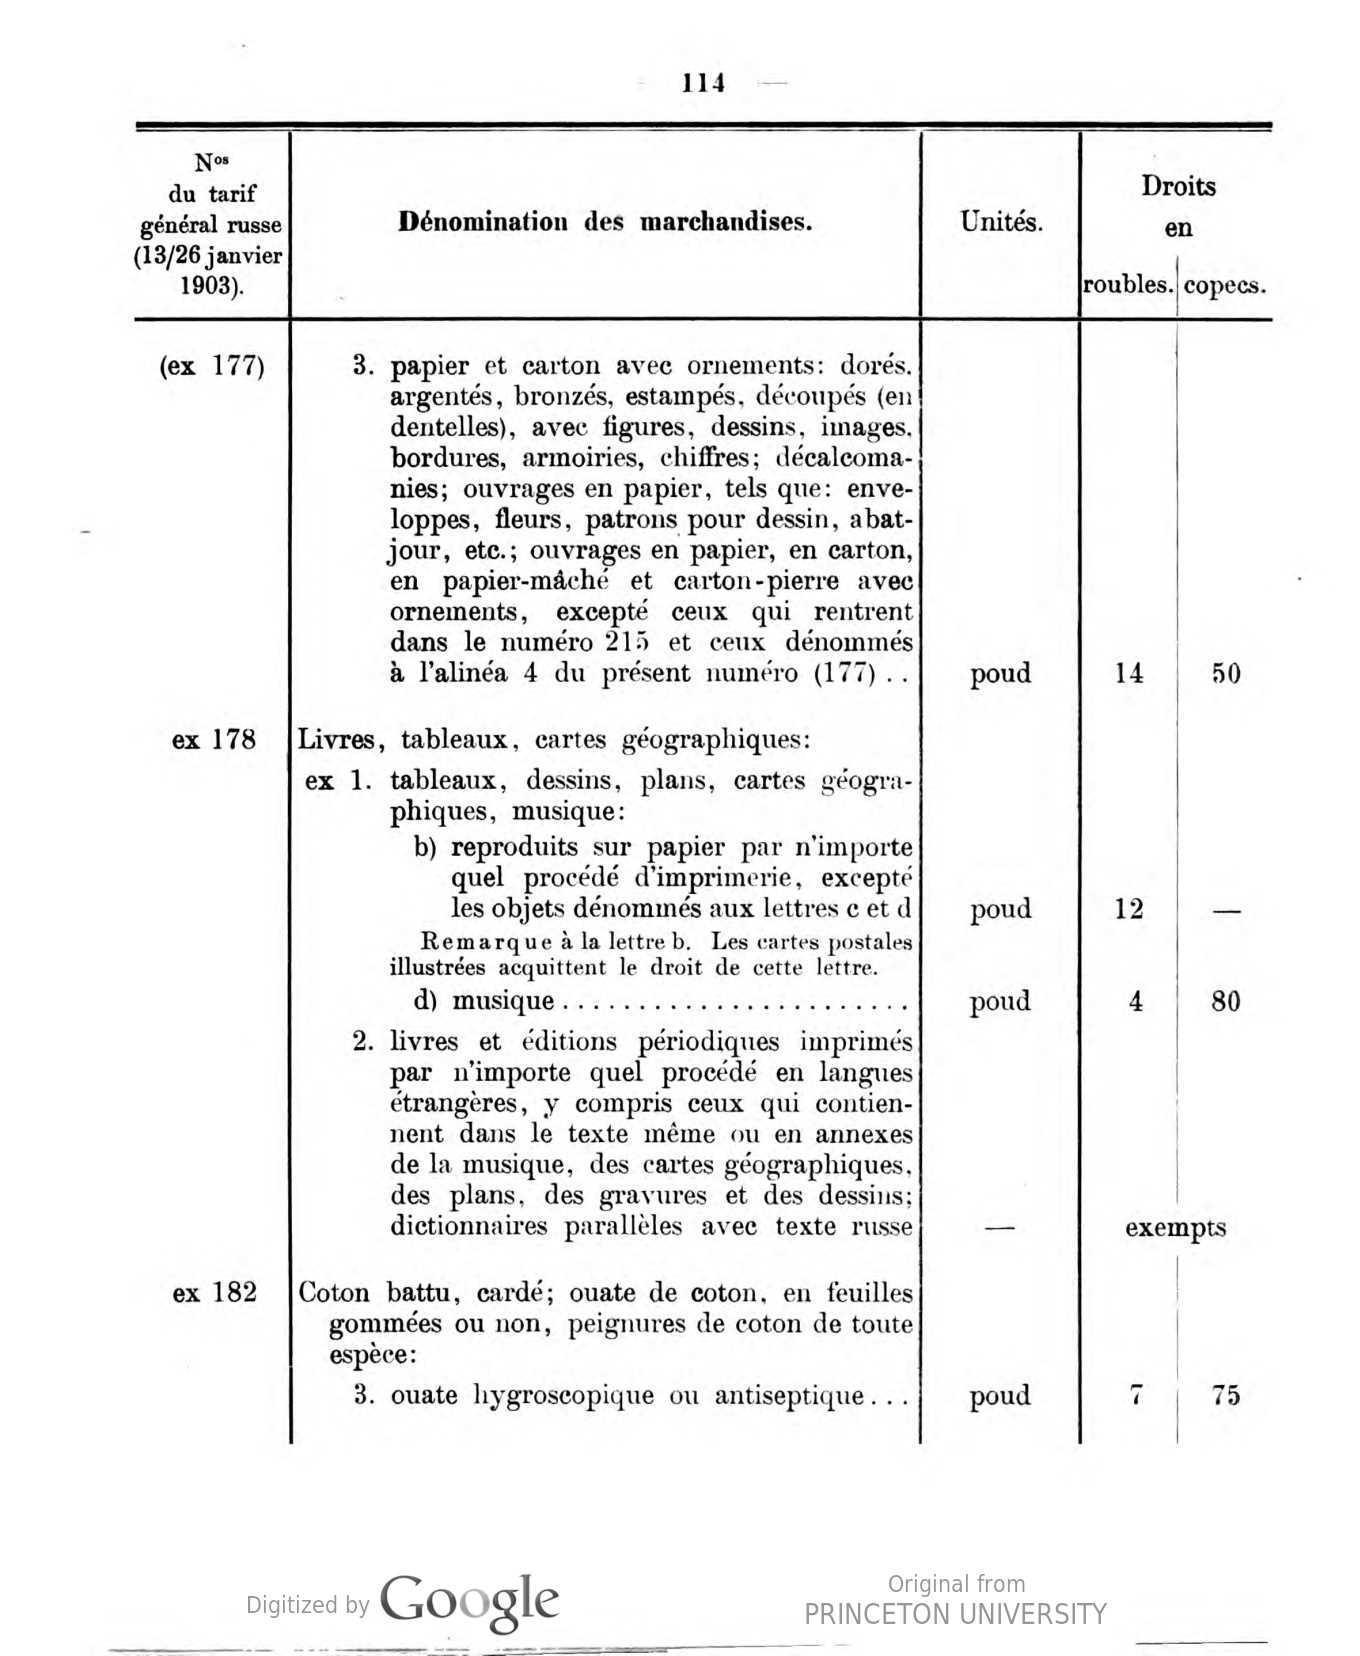 Patron Abat Jour Papier file:deutsches reichsgesetzblatt 1905 007 114